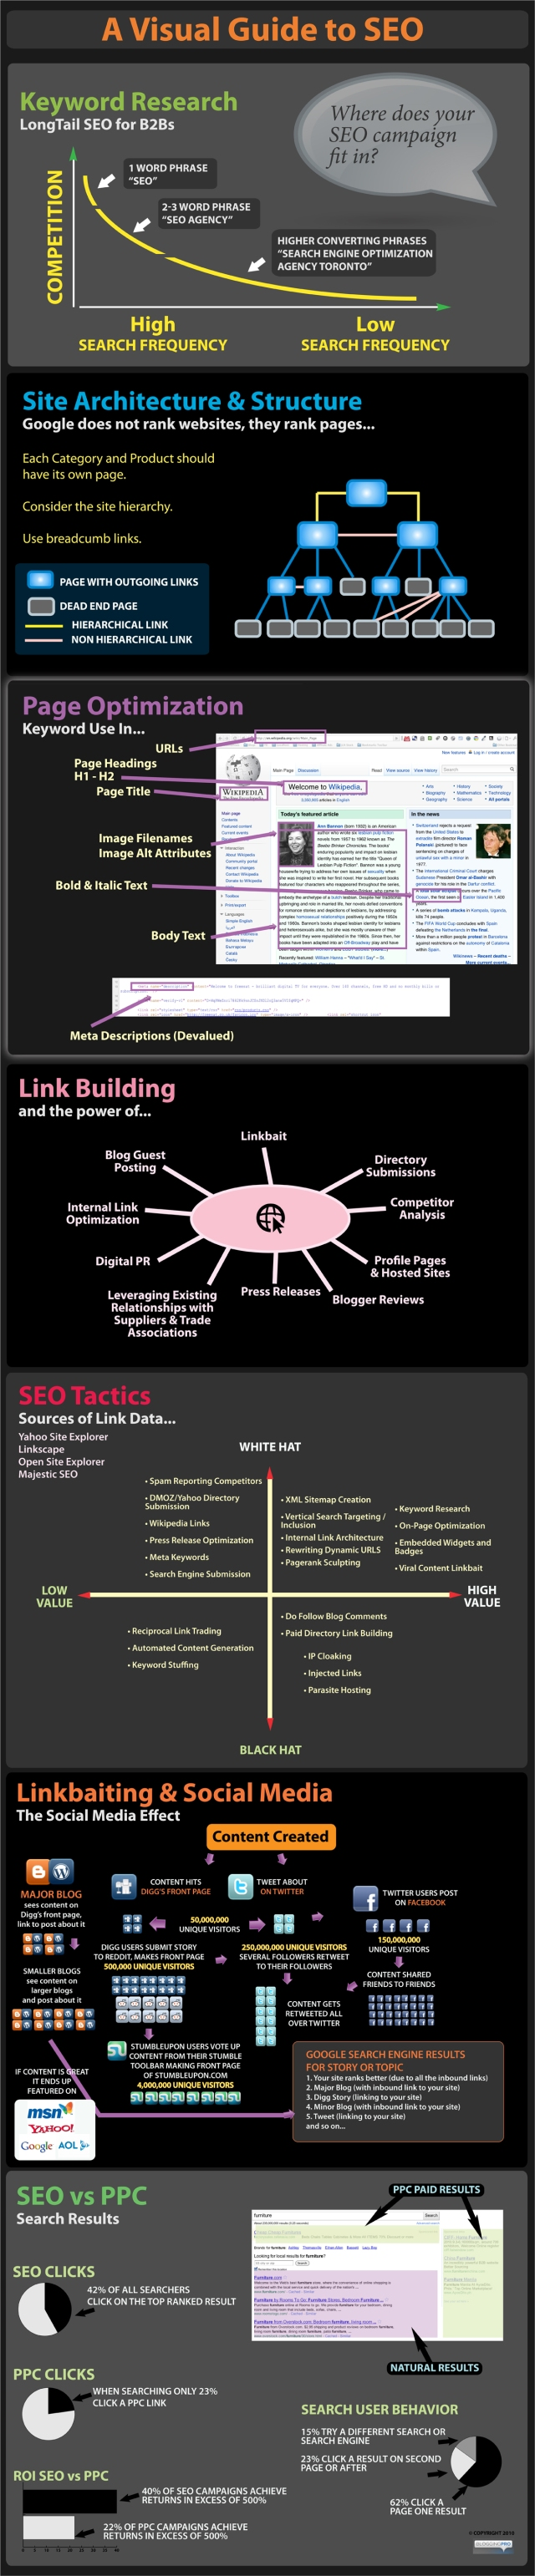 infographic seo